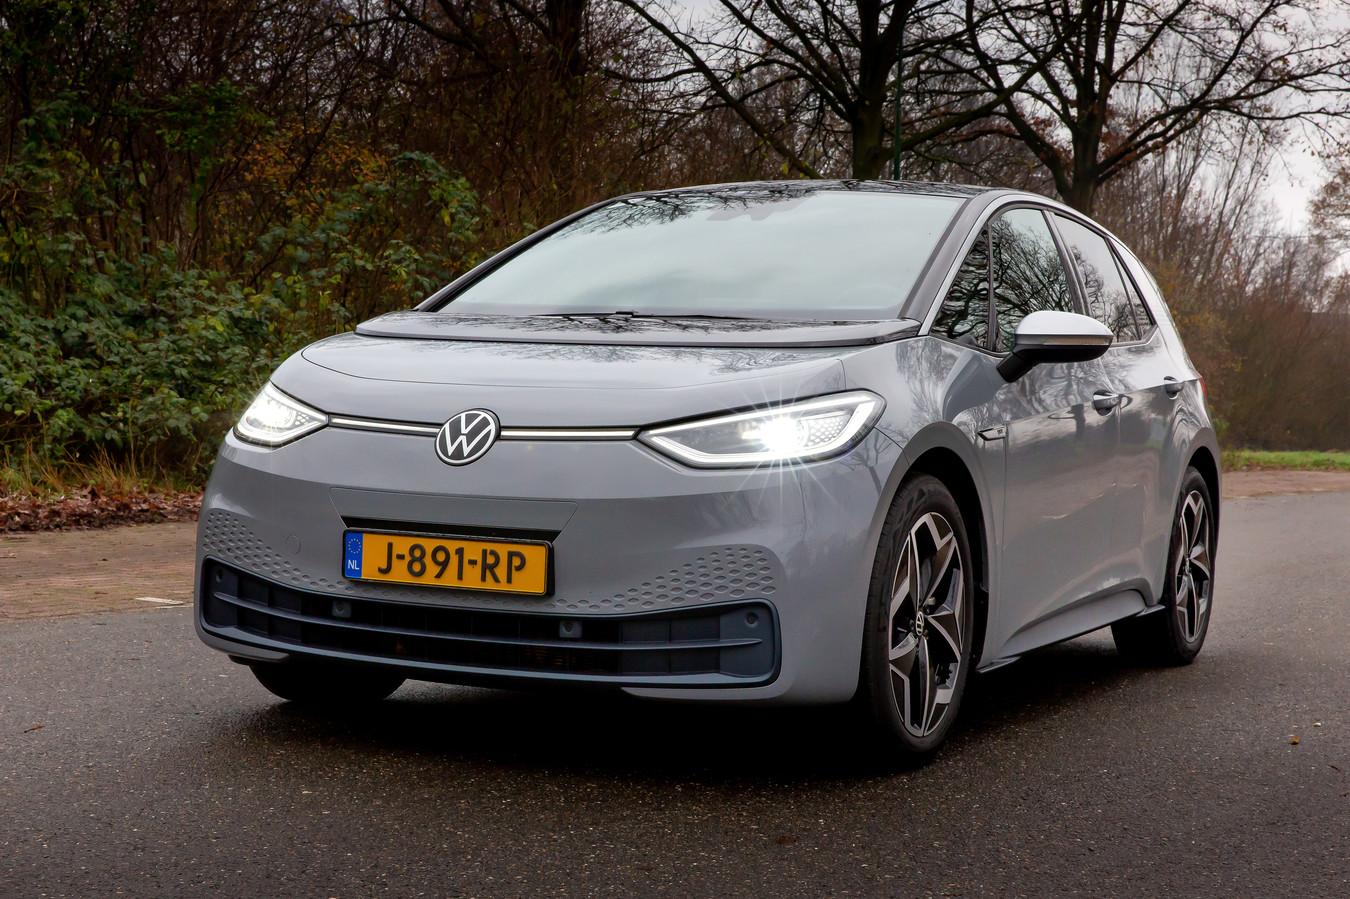 De komst van de volledig elektrische ID.3 vorig jaar heeft Volkswagen niet kunnen behoeden voor een forse boete van de Europese Unie